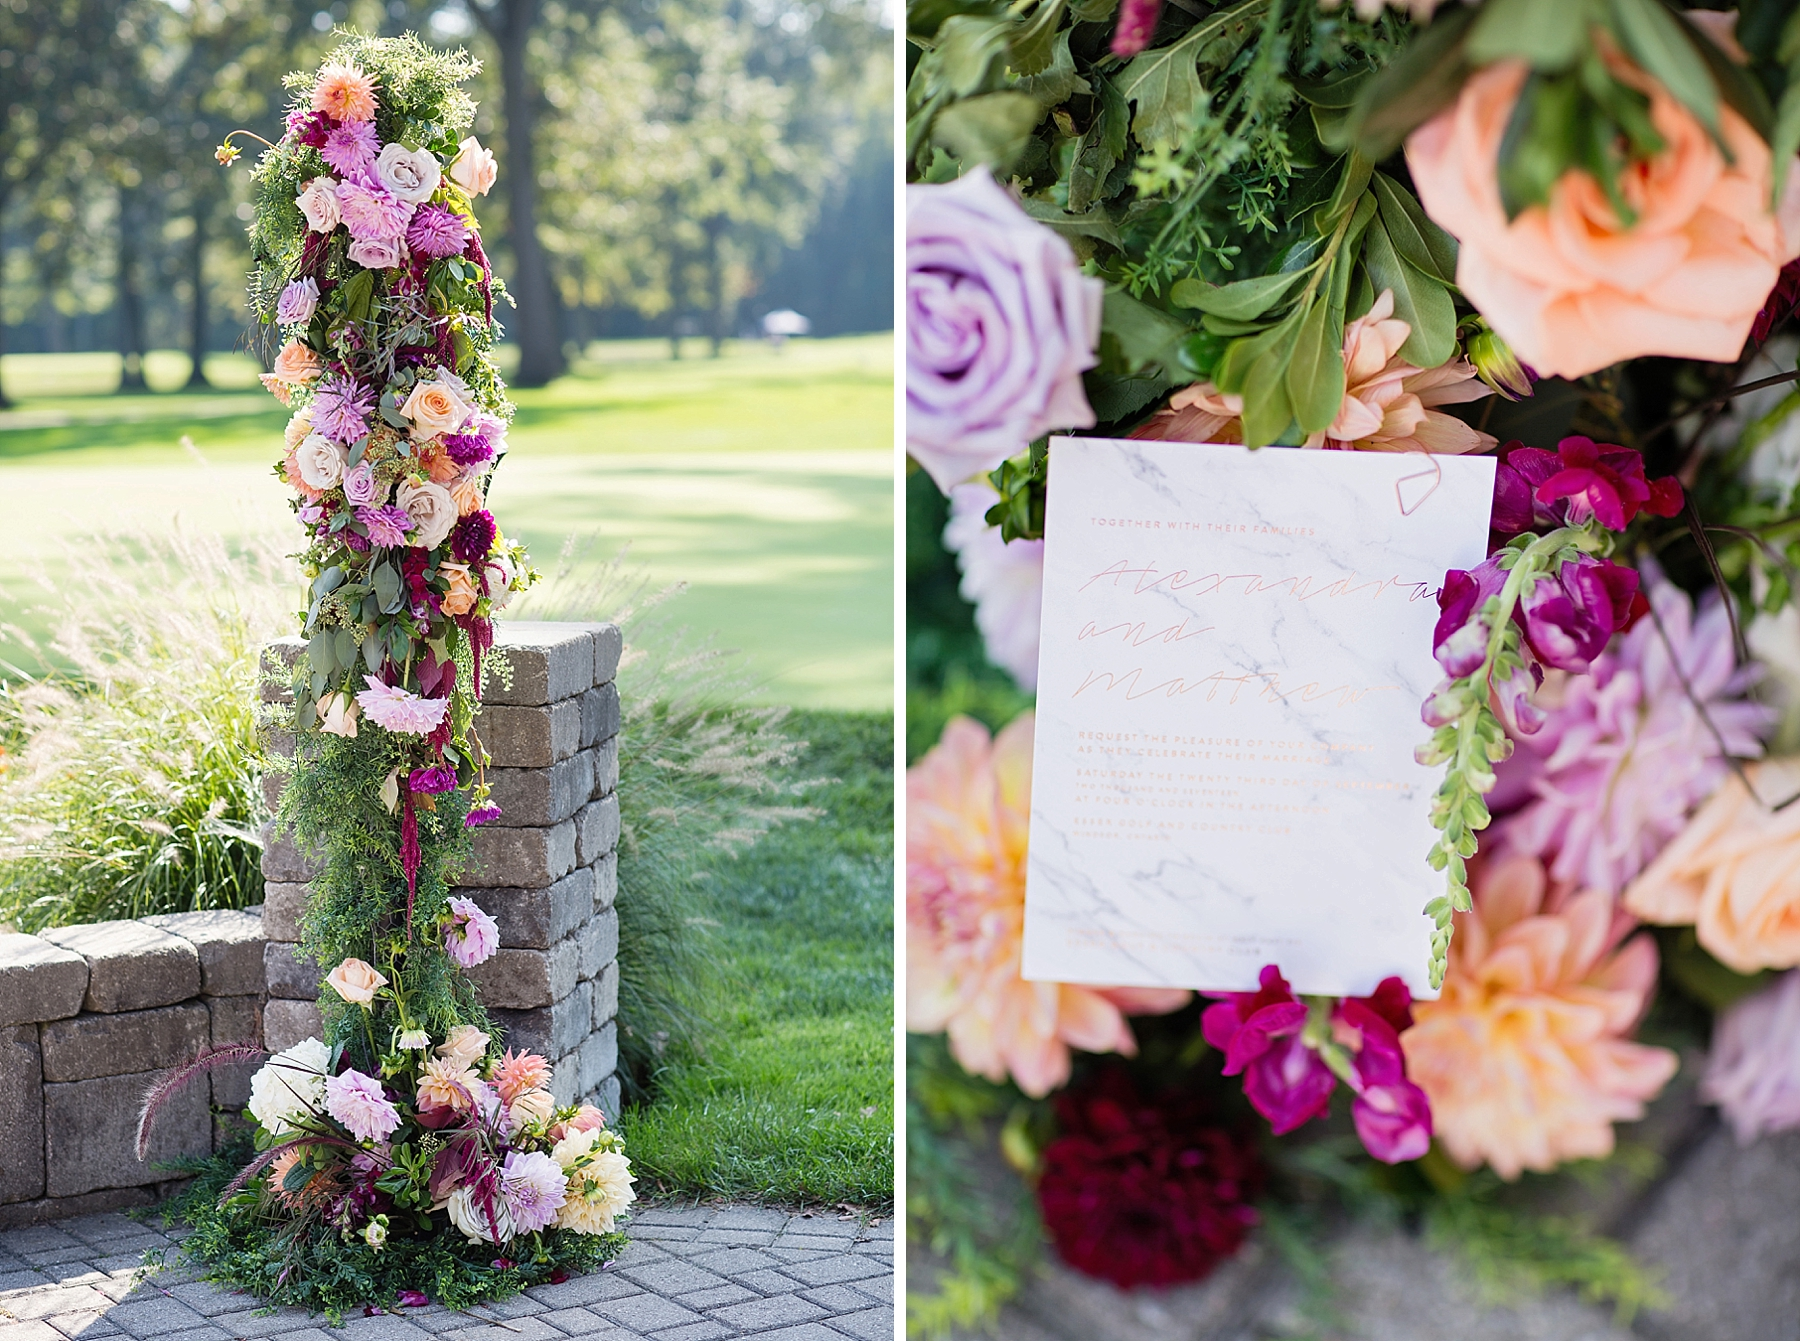 windsor-wedding-photographer-essex-golf-country-club-wedding-eryn-shea-photography_0022.jpg